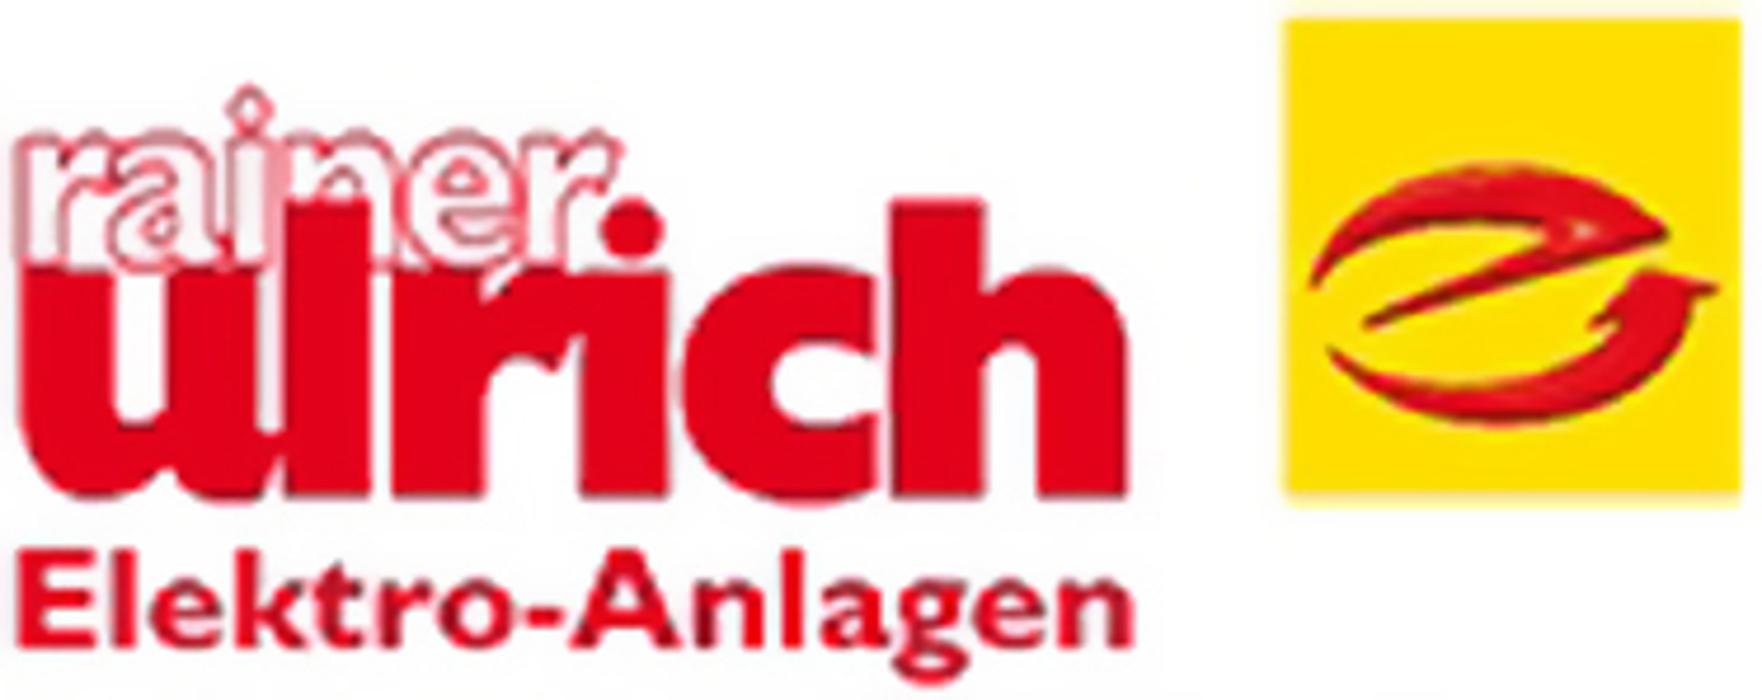 Bild zu Rainer Ulrich Elektro-Anlagen in Balingen